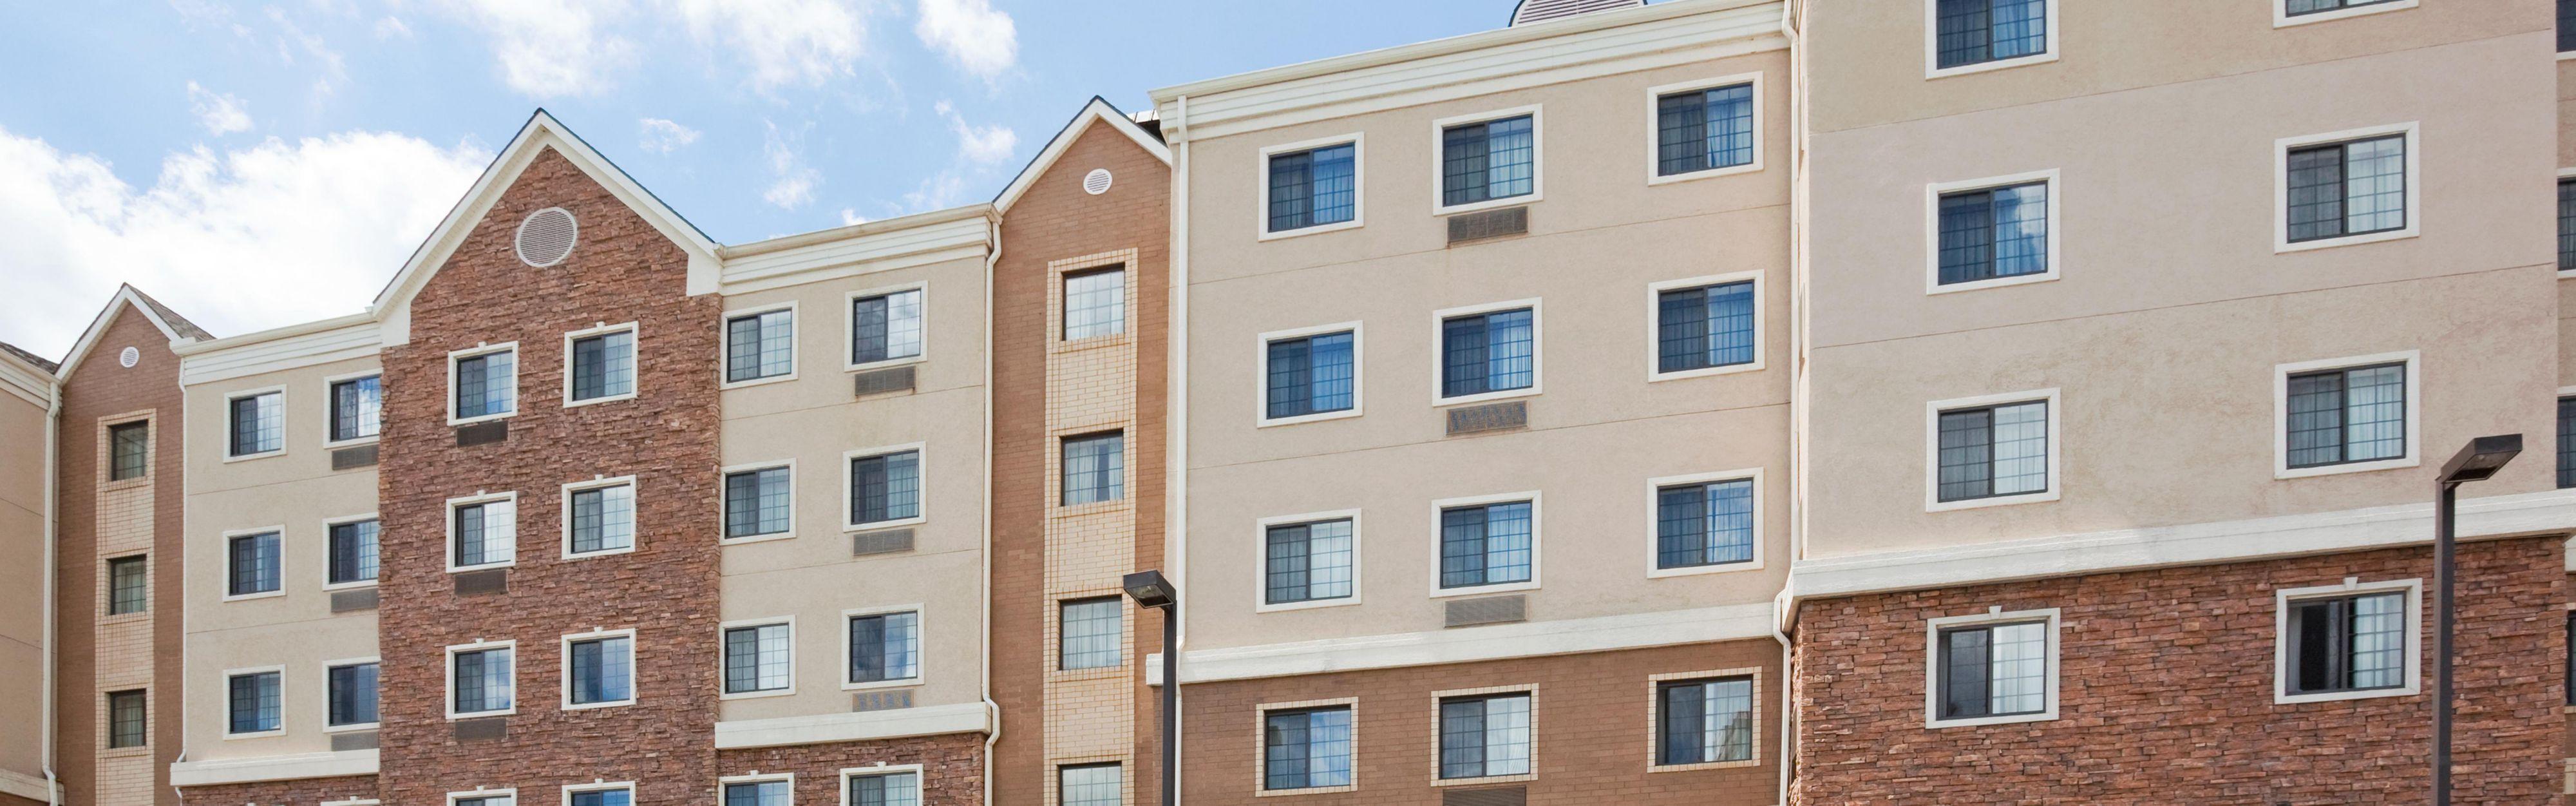 Staybridge Suites Minneapolis-Bloomington image 0